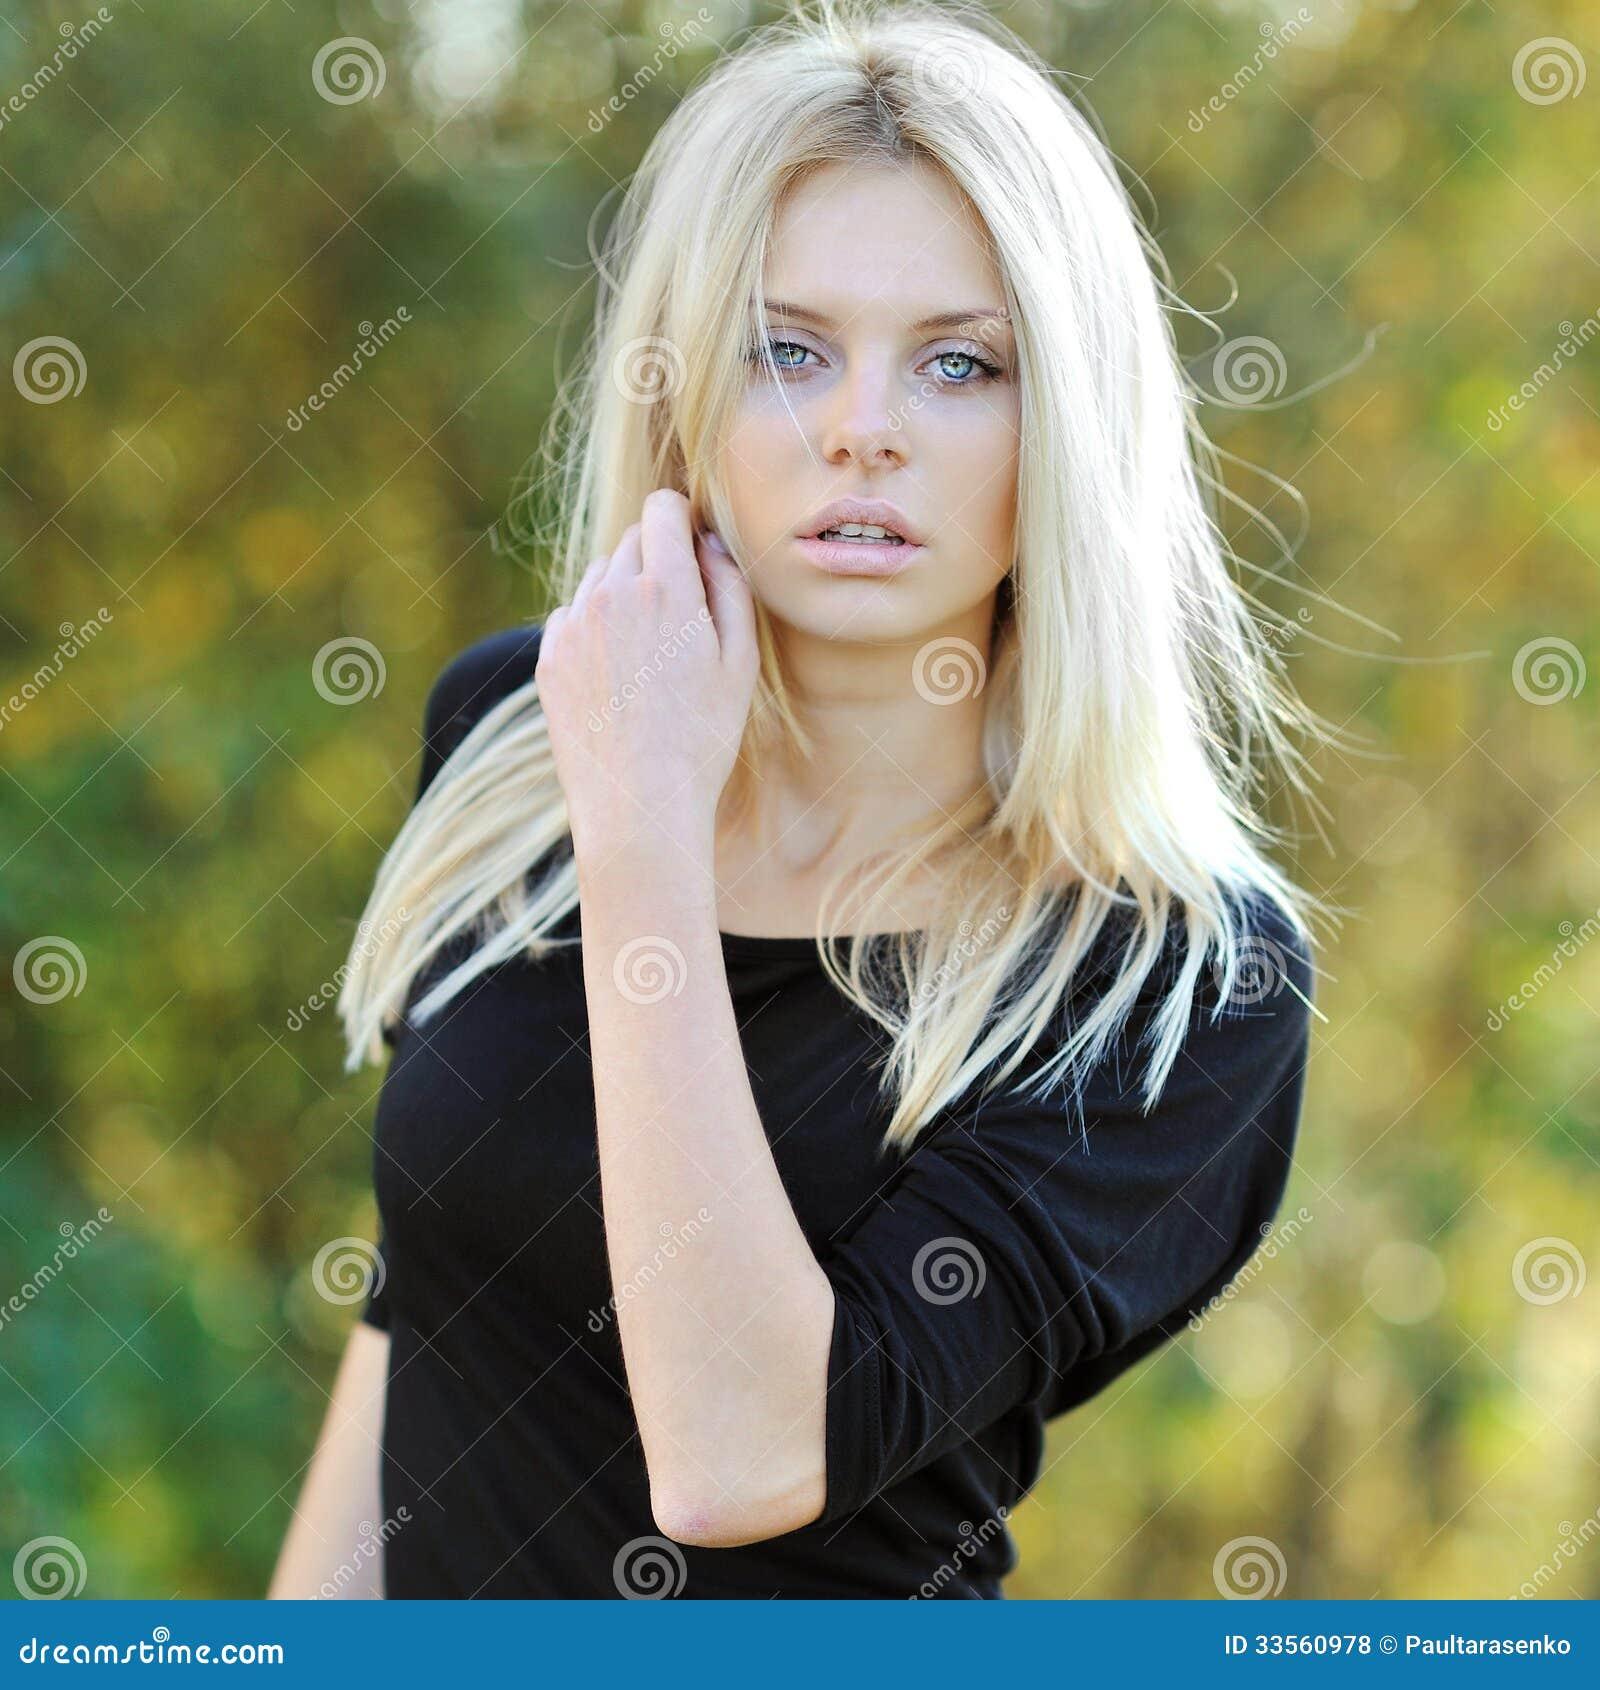 portrait de charme du beau mod le de femme ext rieur photos libres de droits image 33560978. Black Bedroom Furniture Sets. Home Design Ideas